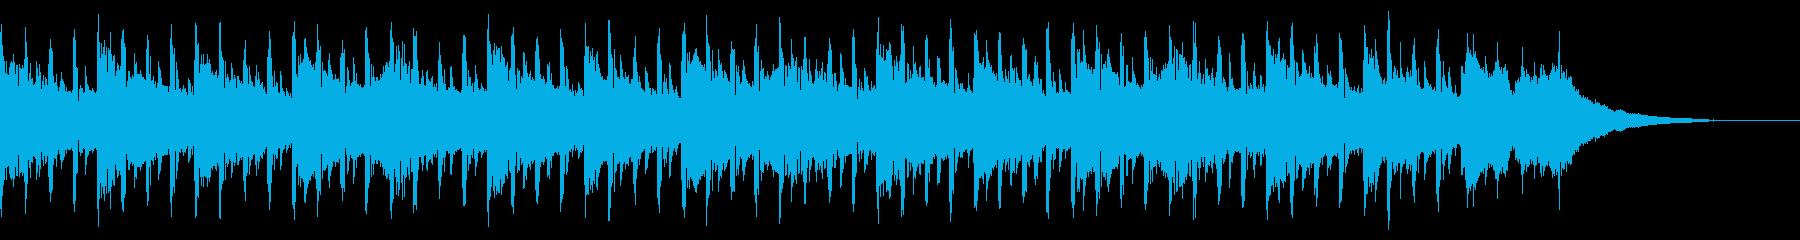 これは医療用(40秒)の再生済みの波形